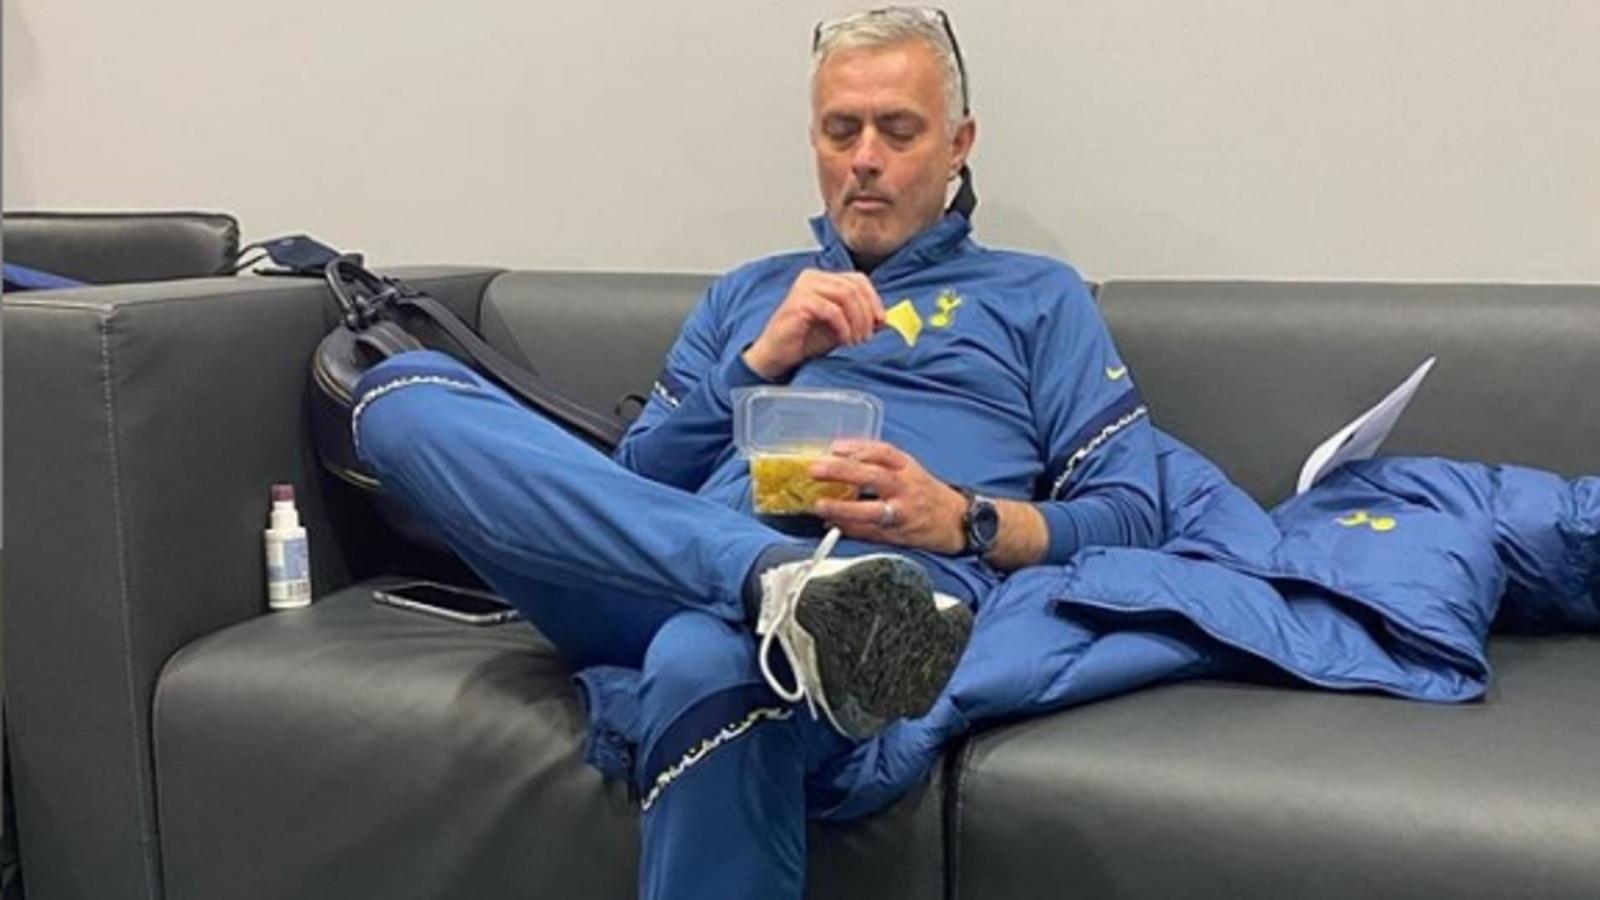 Mourinho khiến cư dân mạng bất ngờ sau chiến thắng của Tottenham